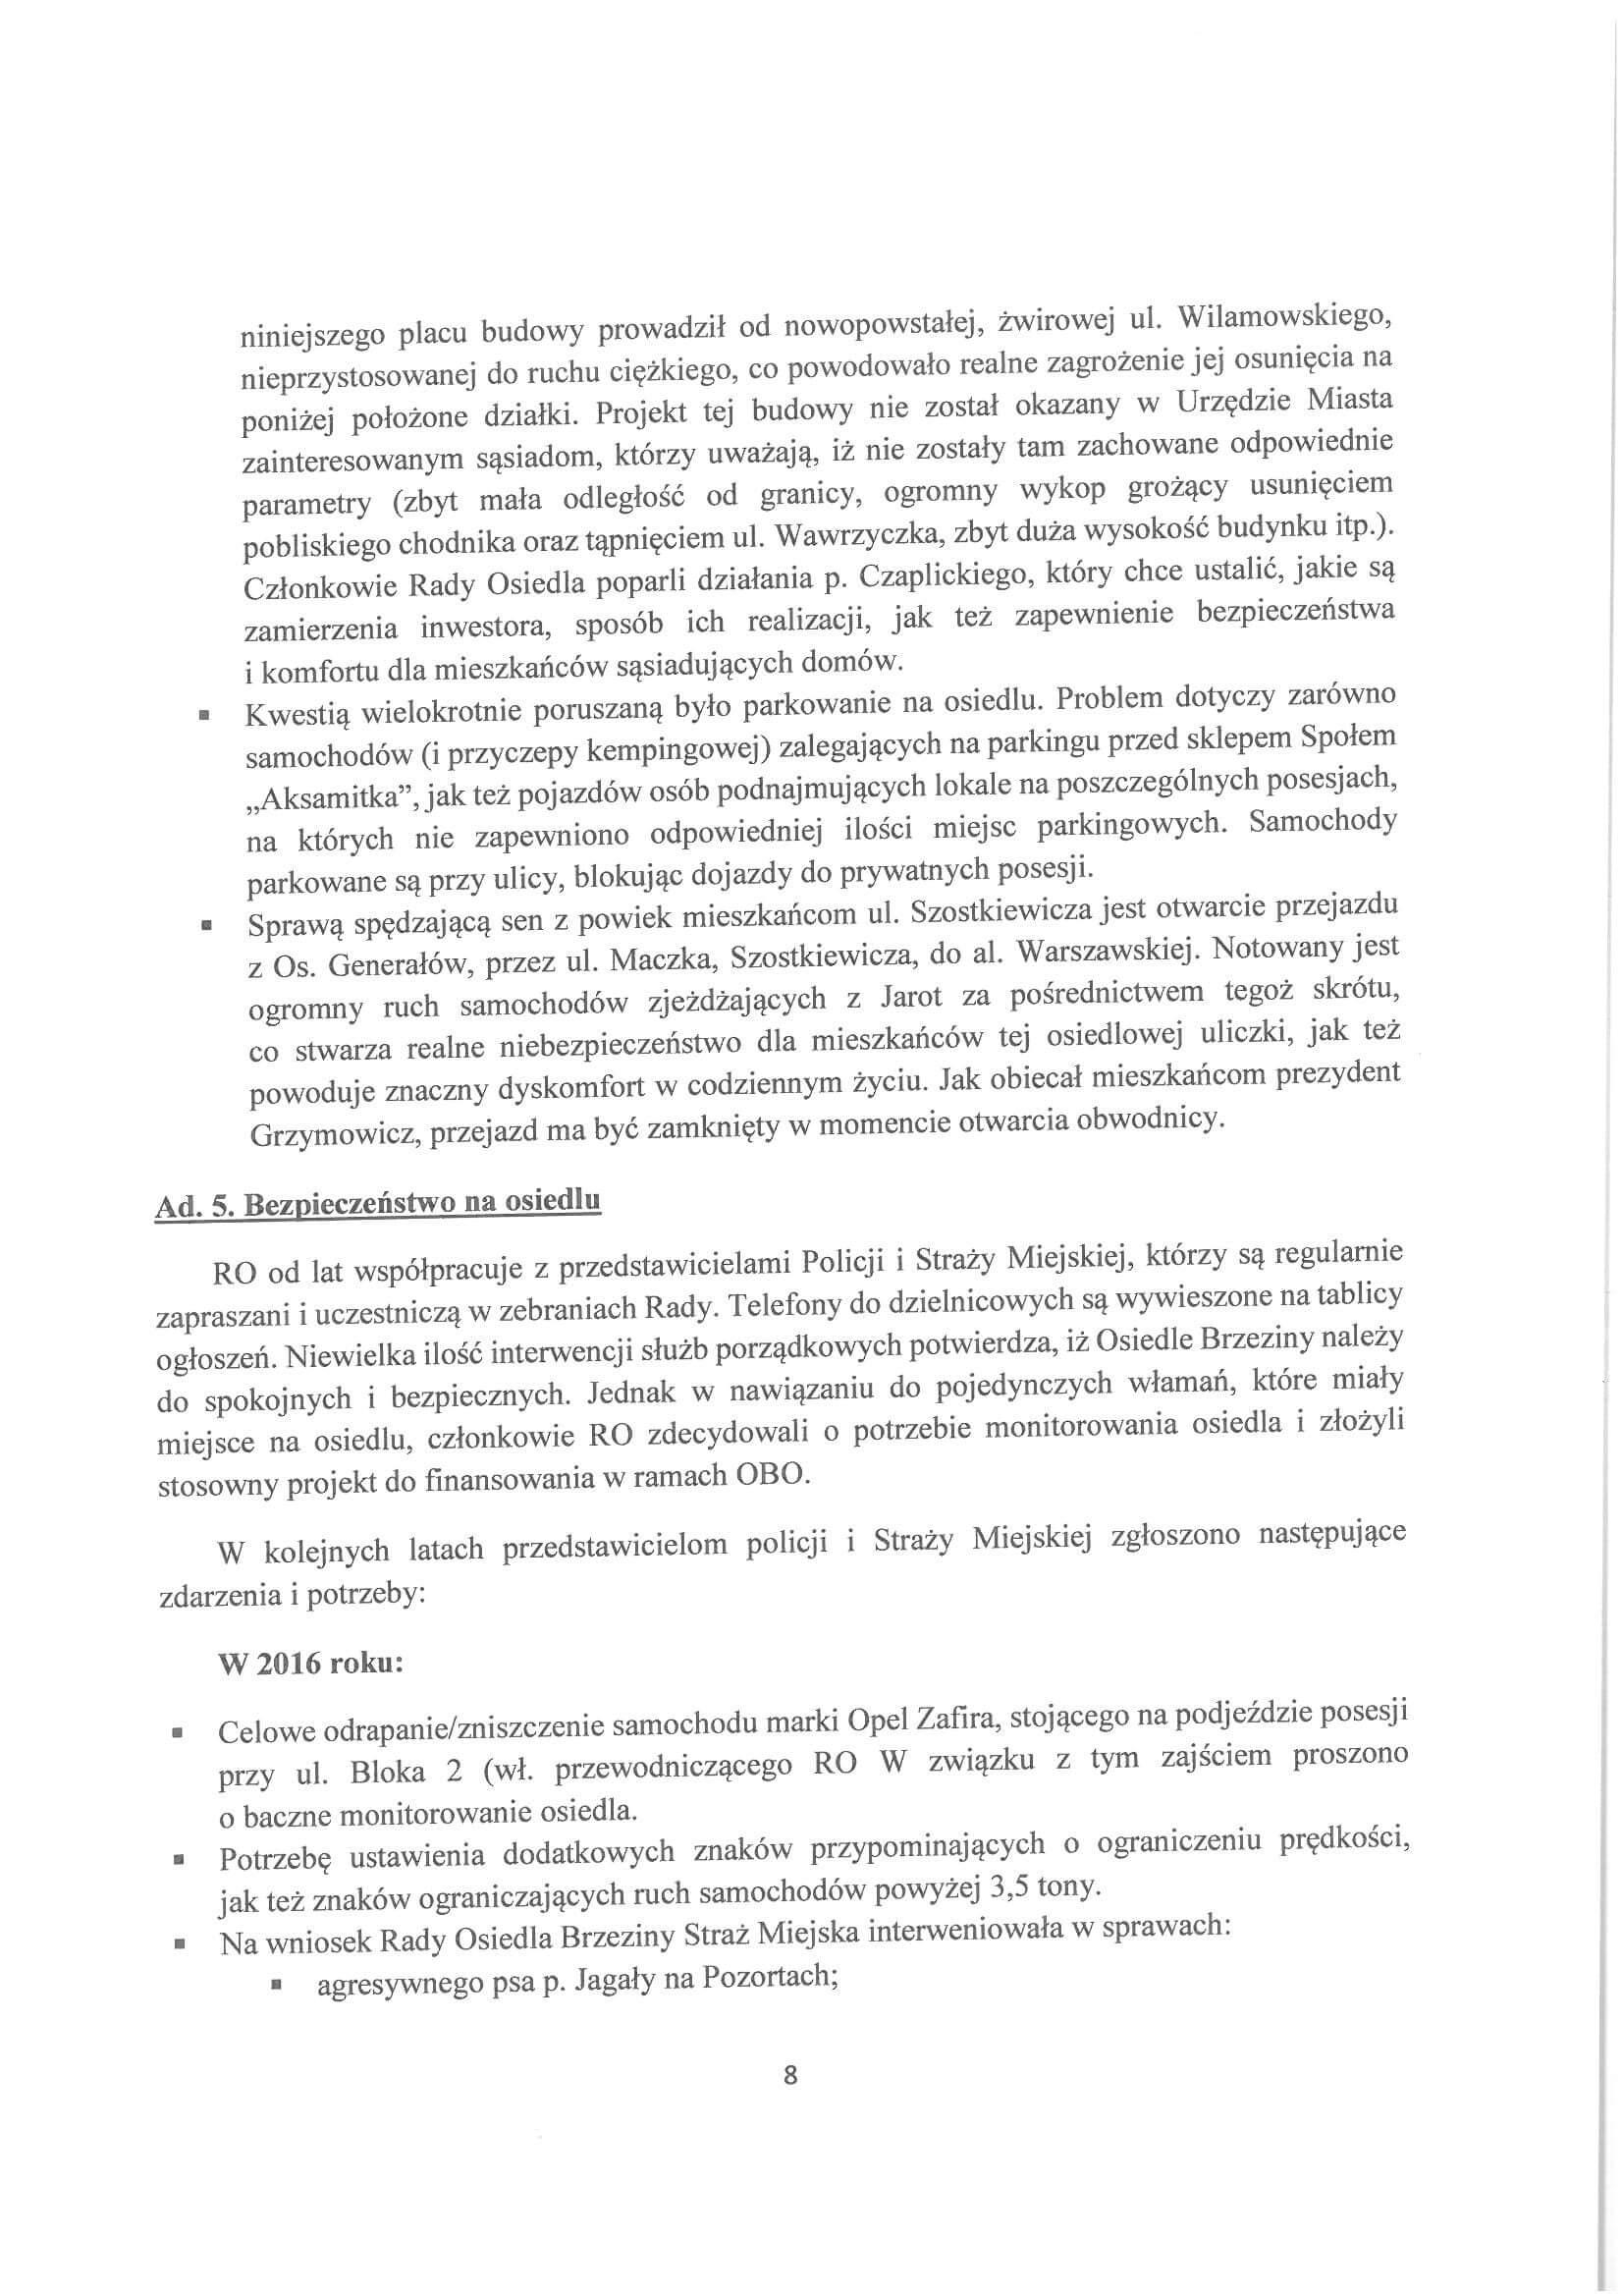 Sprawozdanie z działalności RO w latach 2015-2019-08